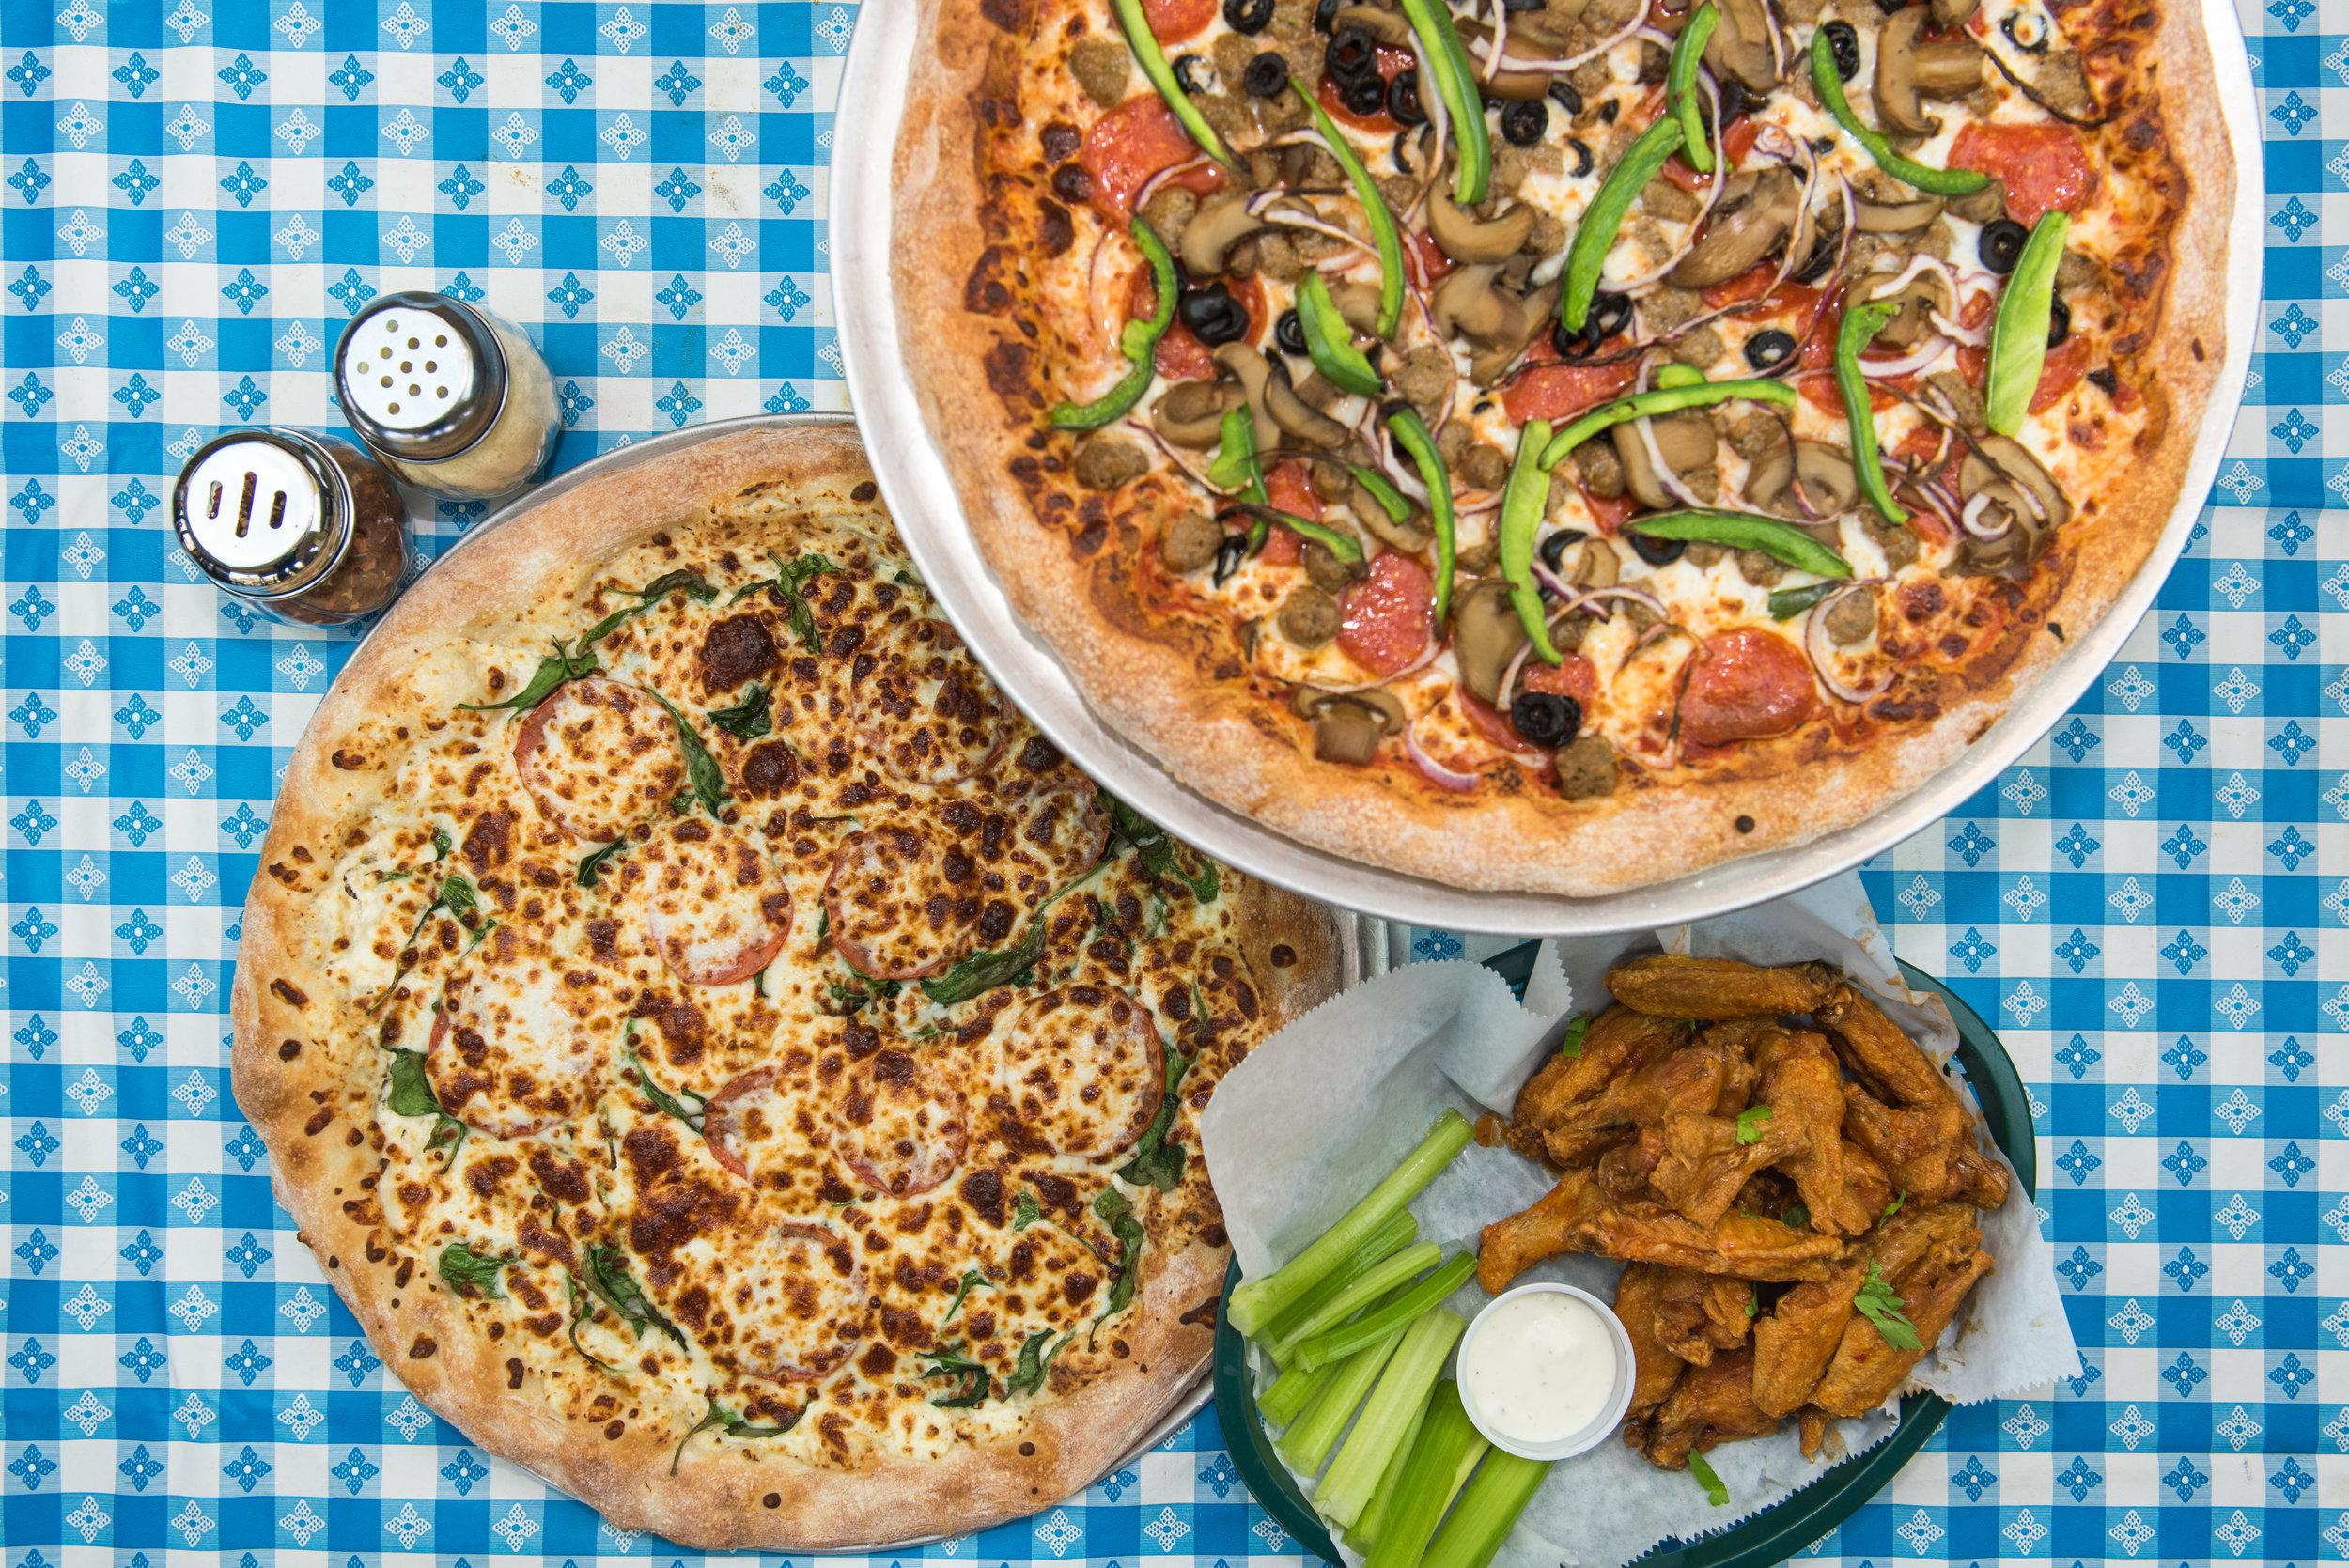 LaRetta's Pizza